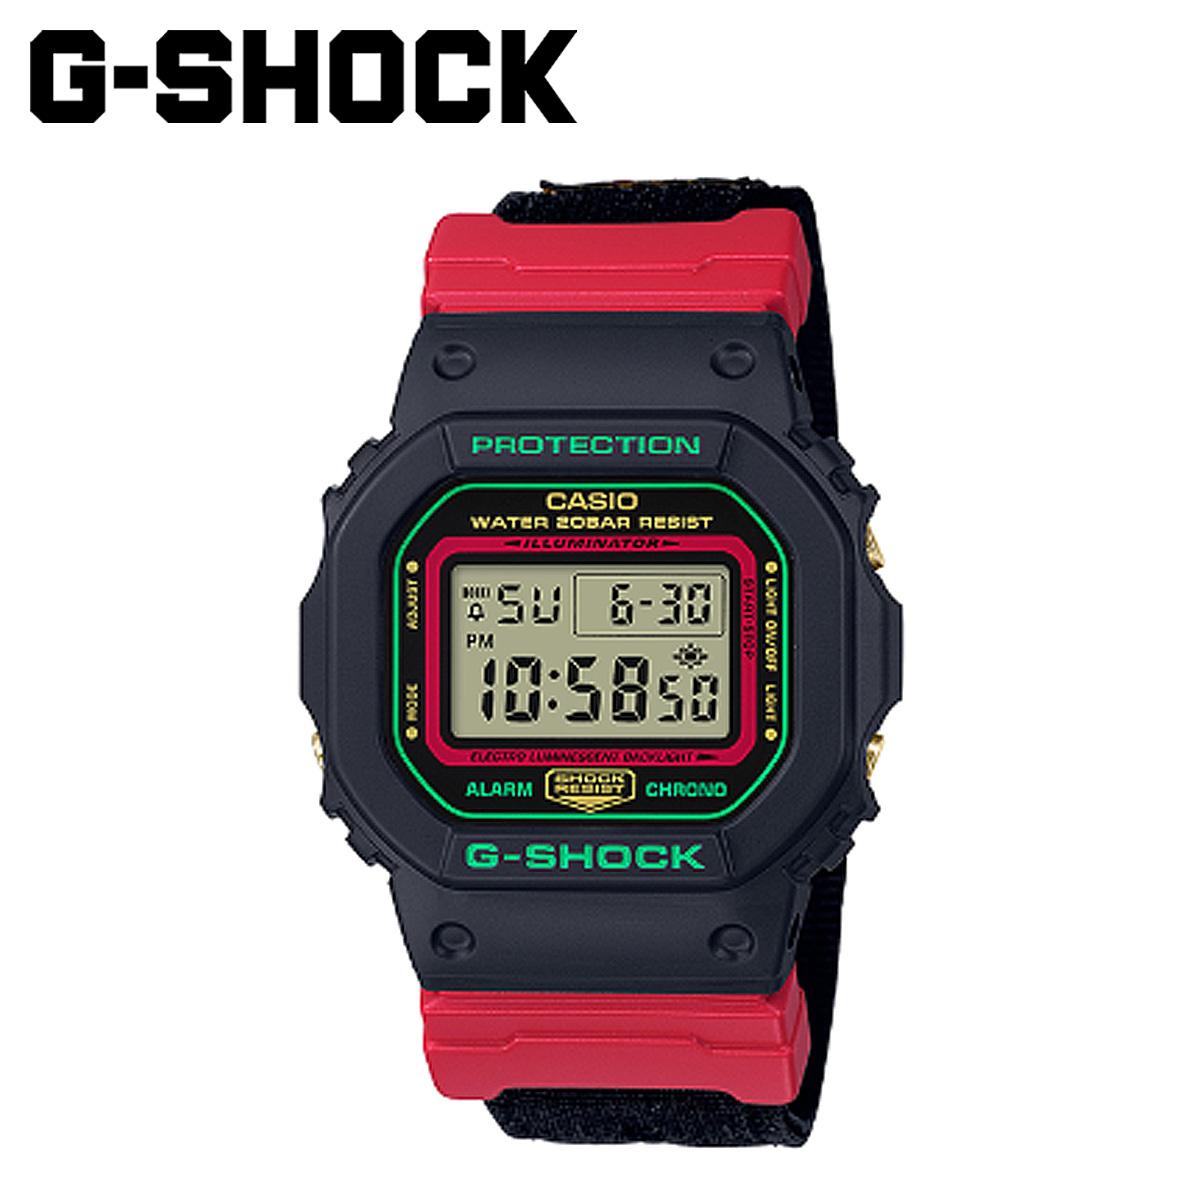 CASIO G-SHOCK カシオ 腕時計 DW-5600THC-1JF THROWBACK 1990S ジーショック Gショック G-ショック メンズ レディース ブラック 黒